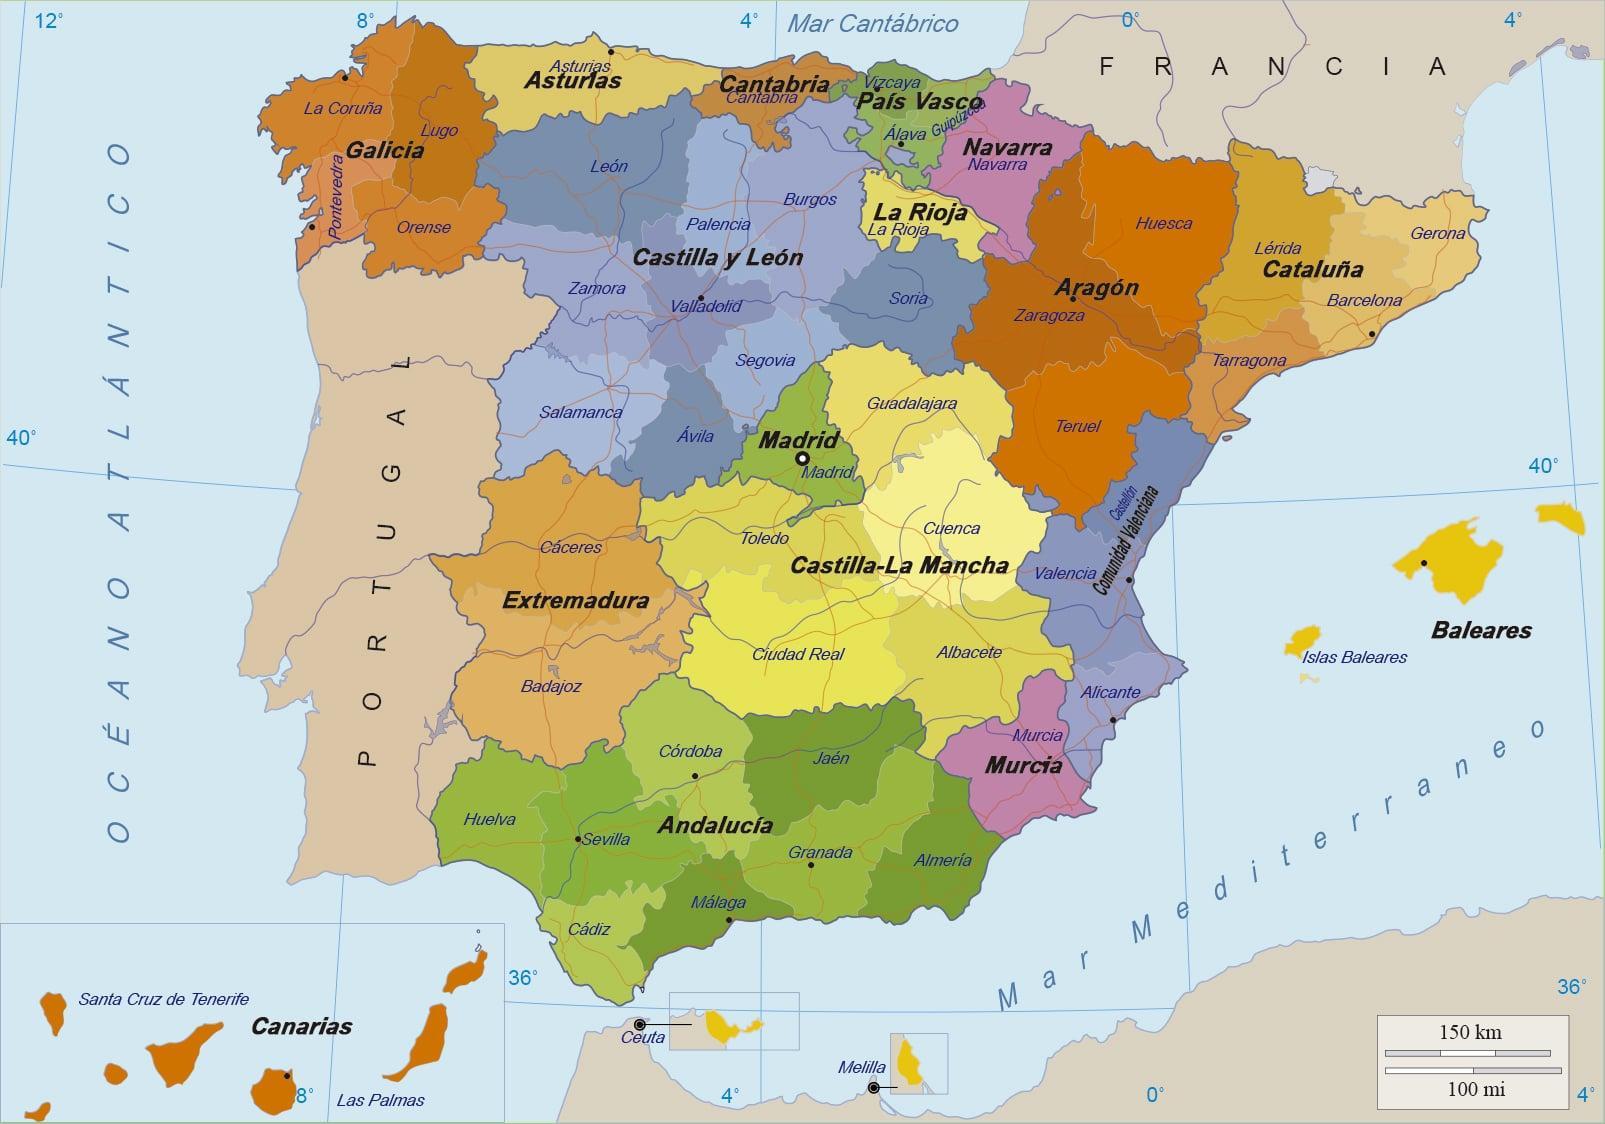 Kartta Espanja Ja Saaret Kartta Espanjassa Ja Sen Saarilla